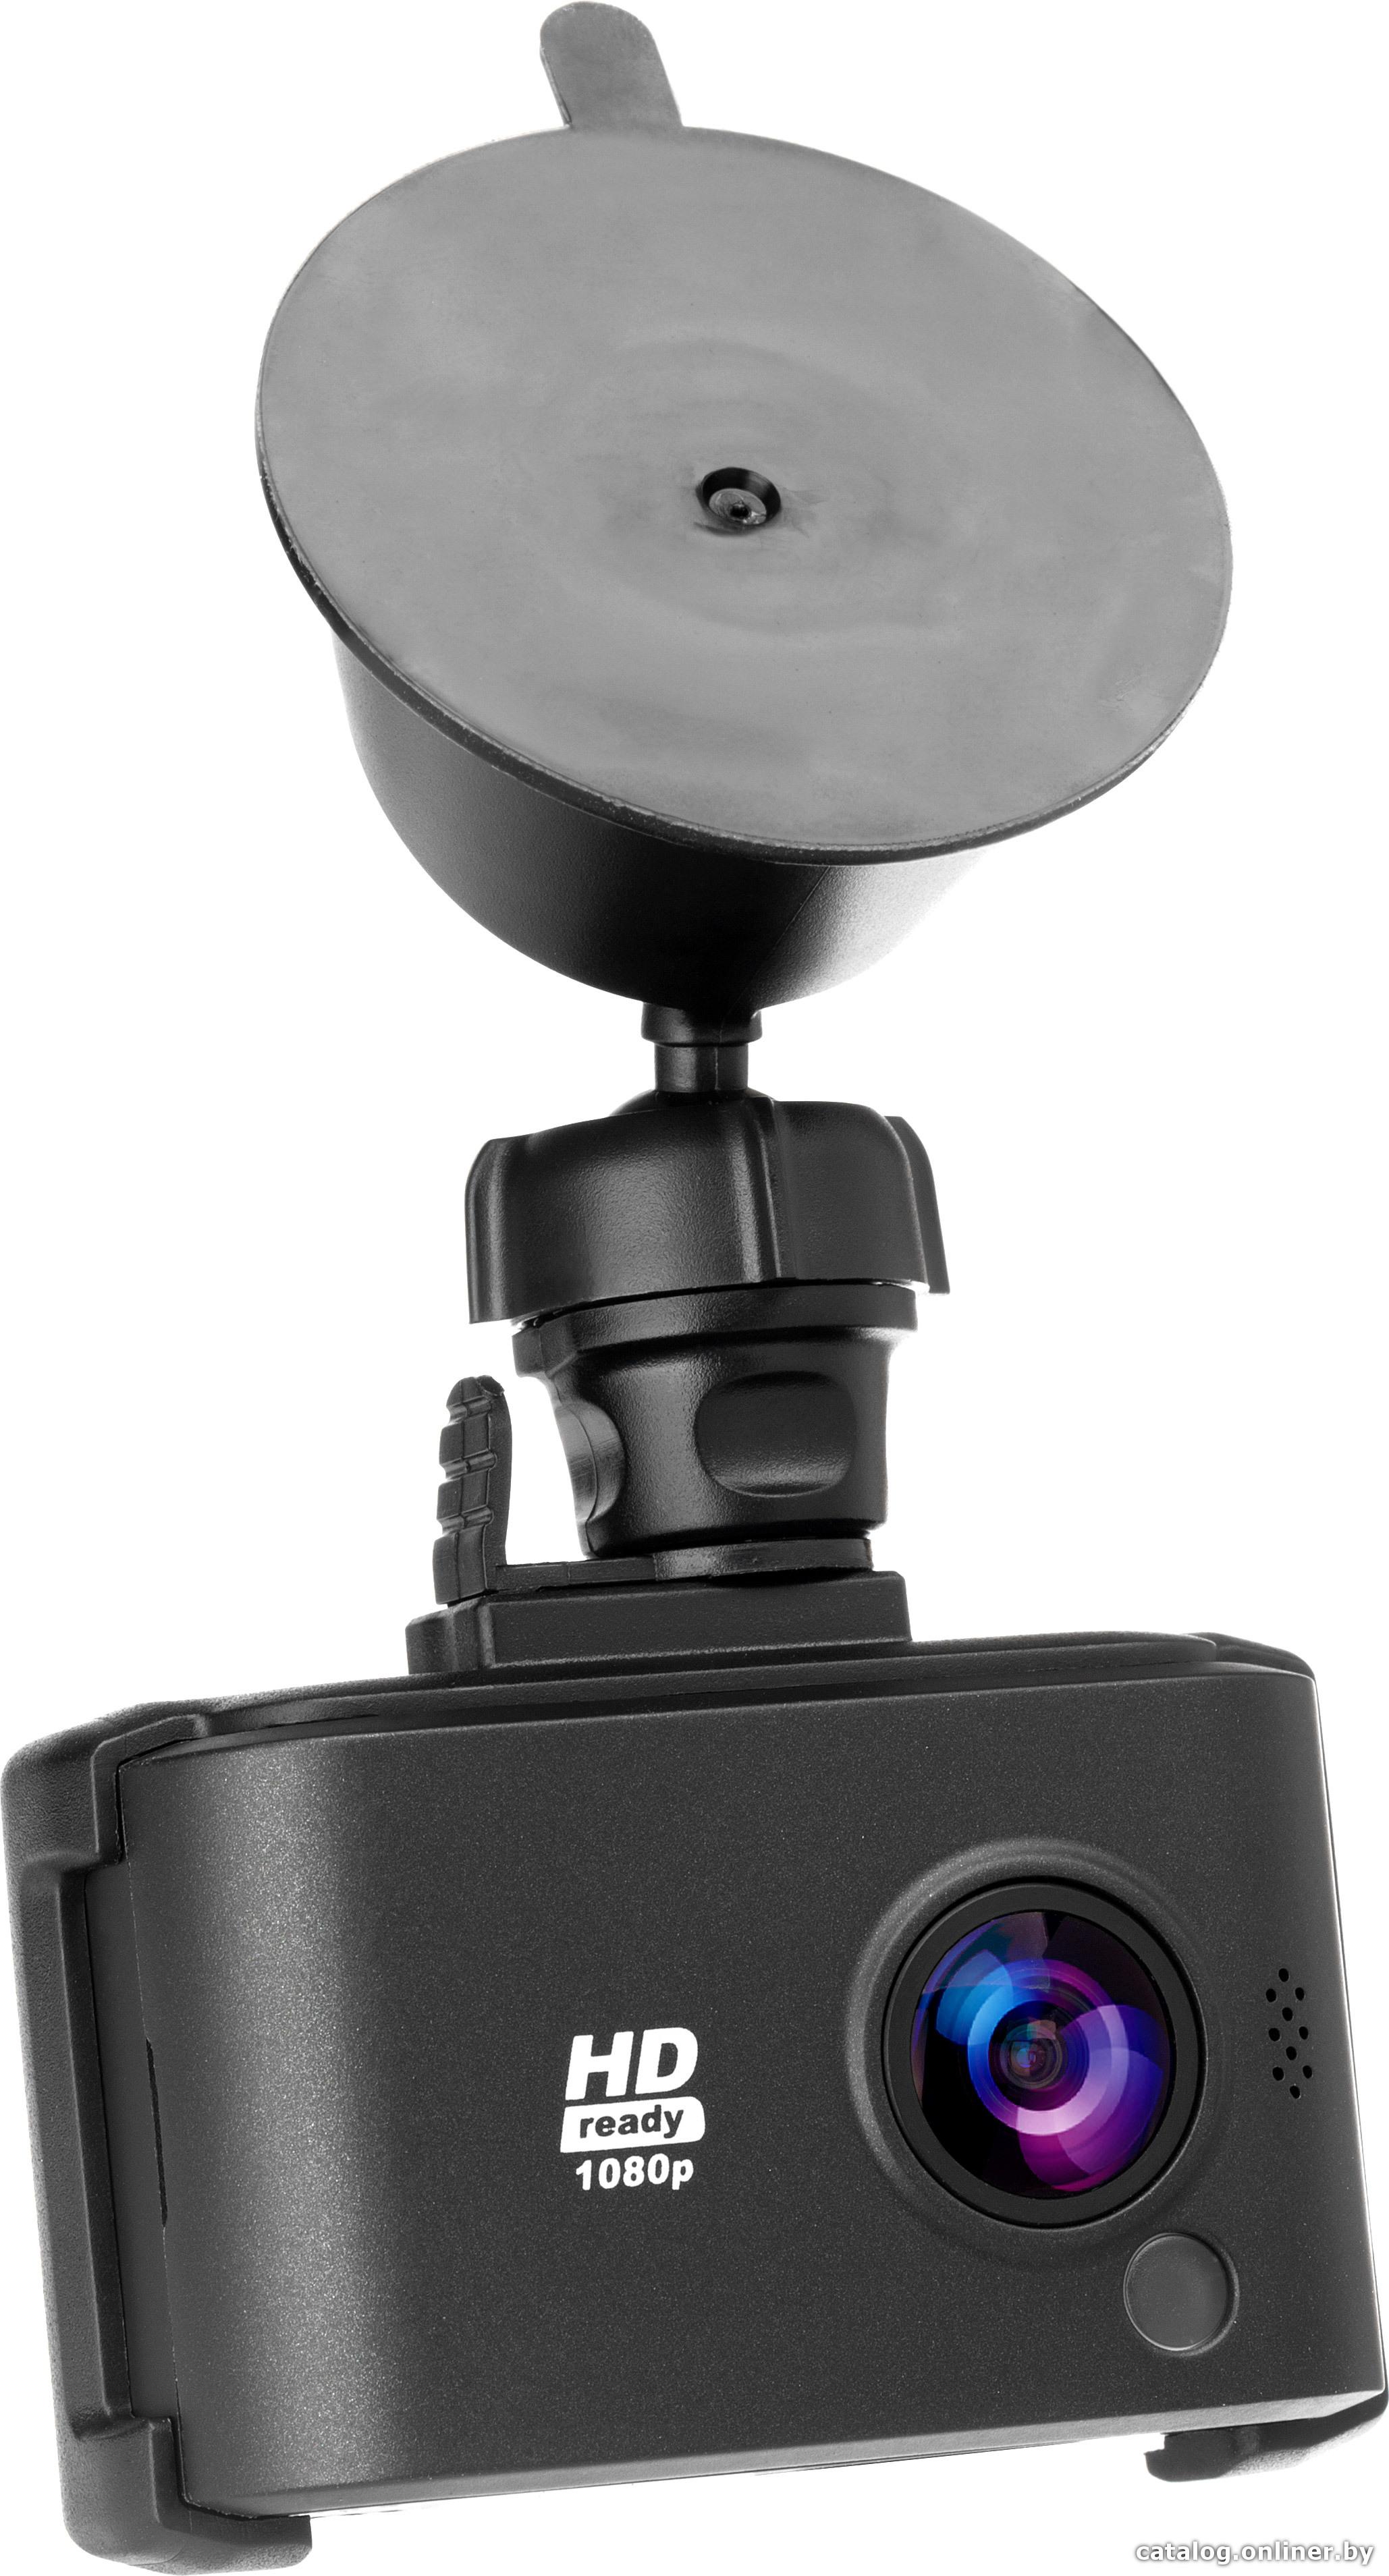 инструкция видеорегистратор seemax rg 700 pro